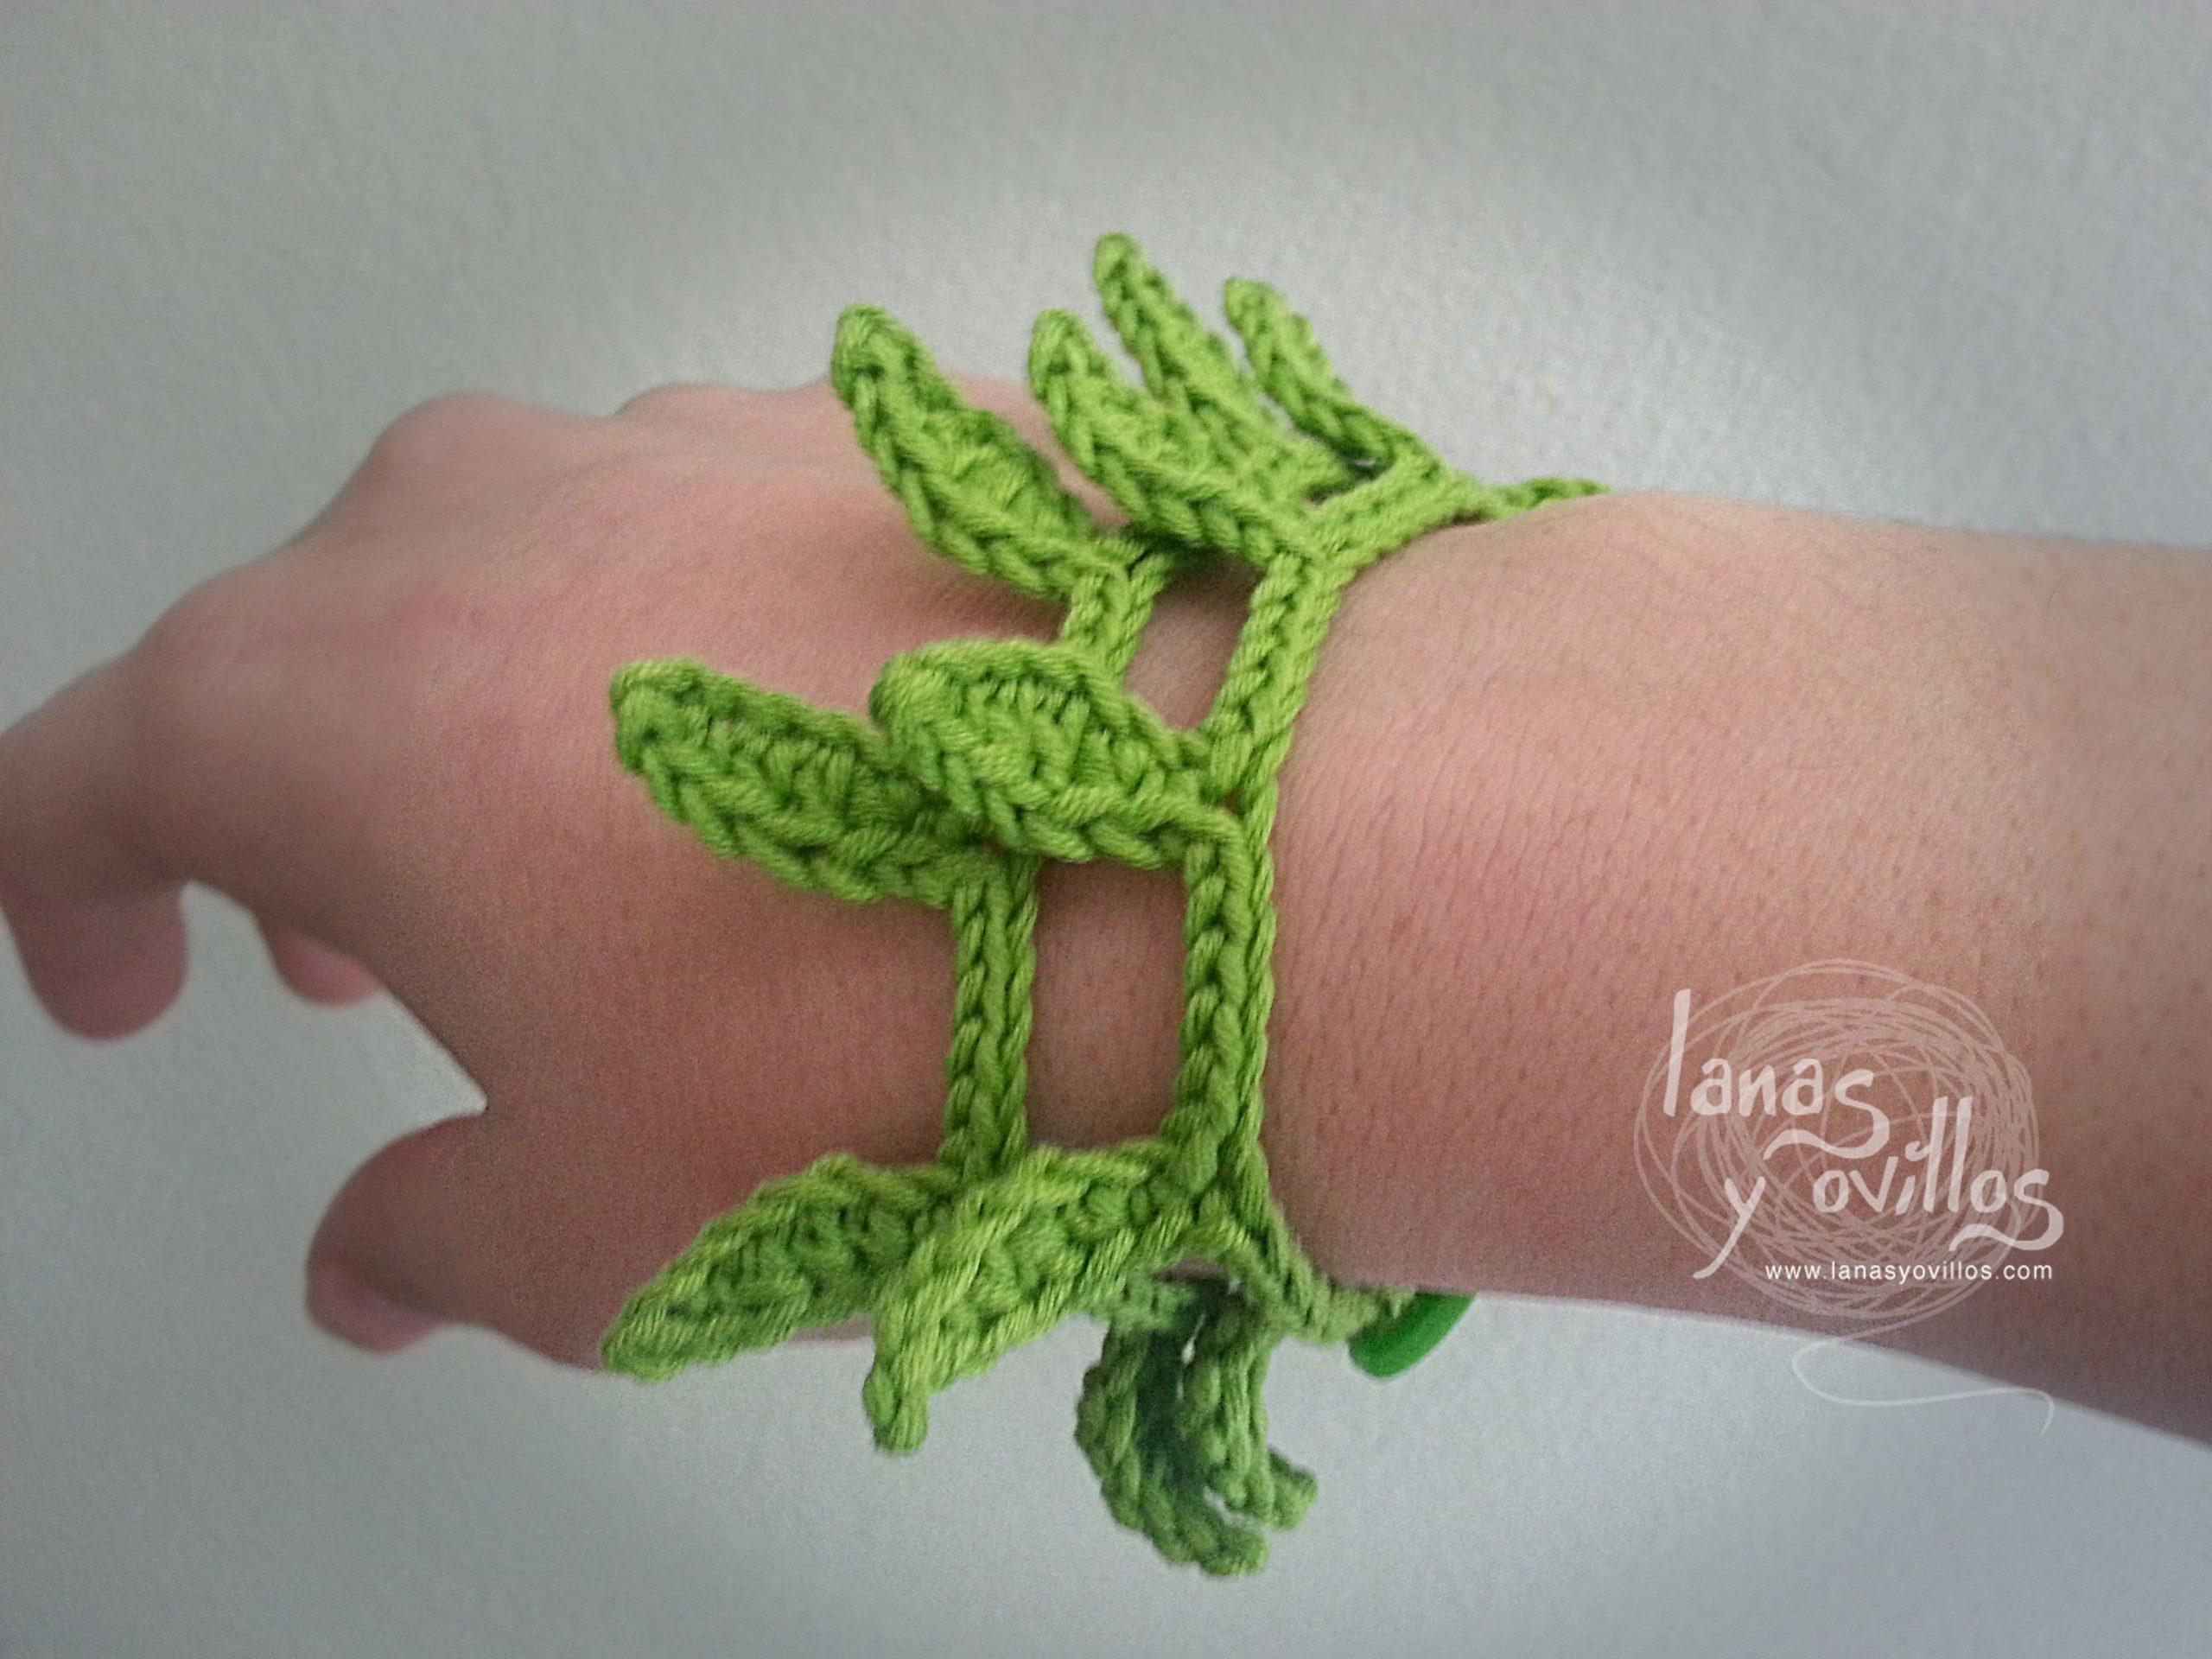 leafs crochet bracelet free pattern